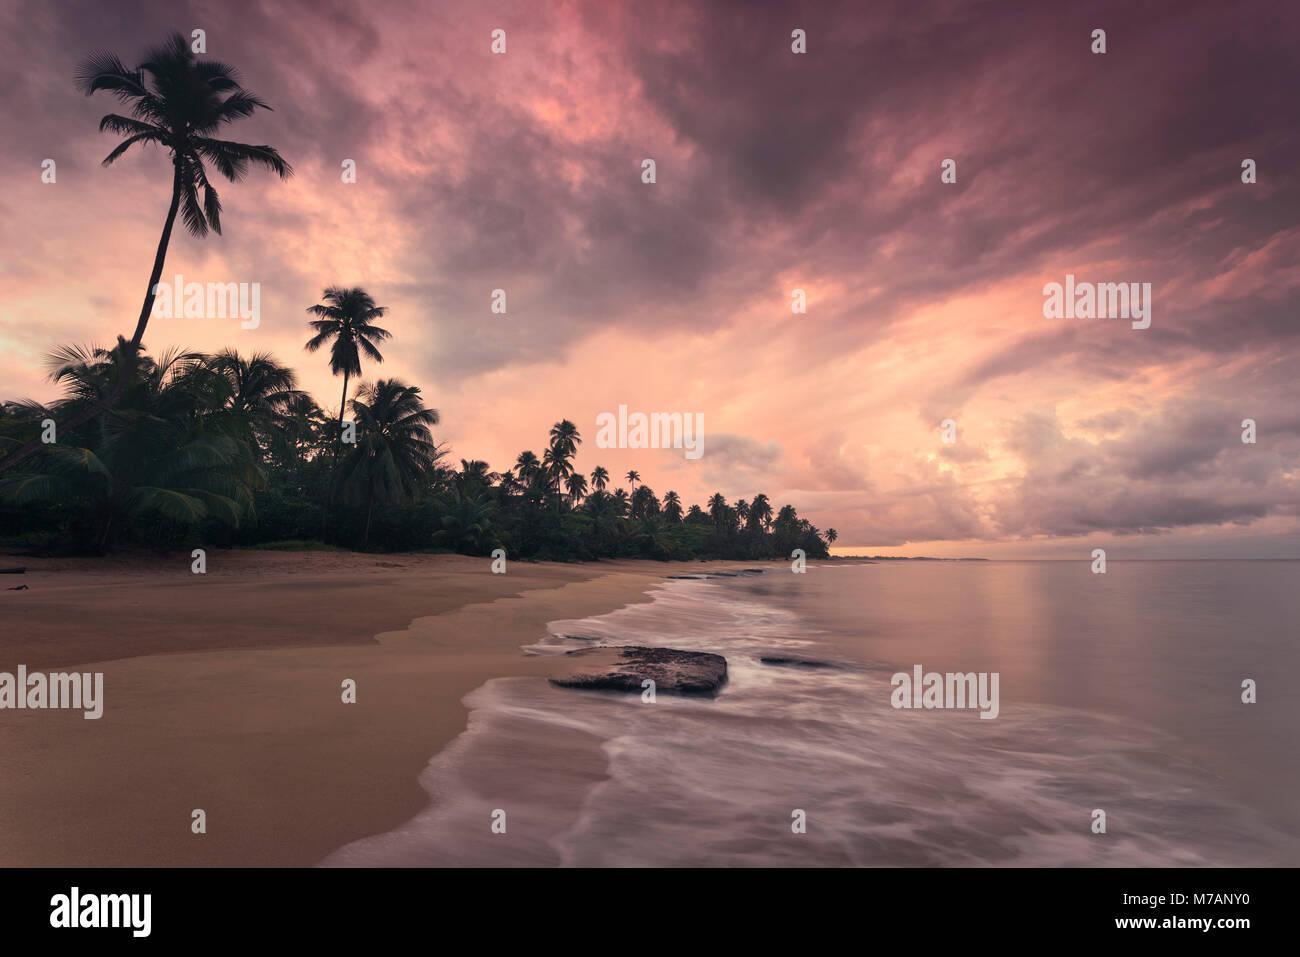 Sueño caribeño en sunset beach, Punta vacia, Puerto Rico, las islas del Caribe Imagen De Stock